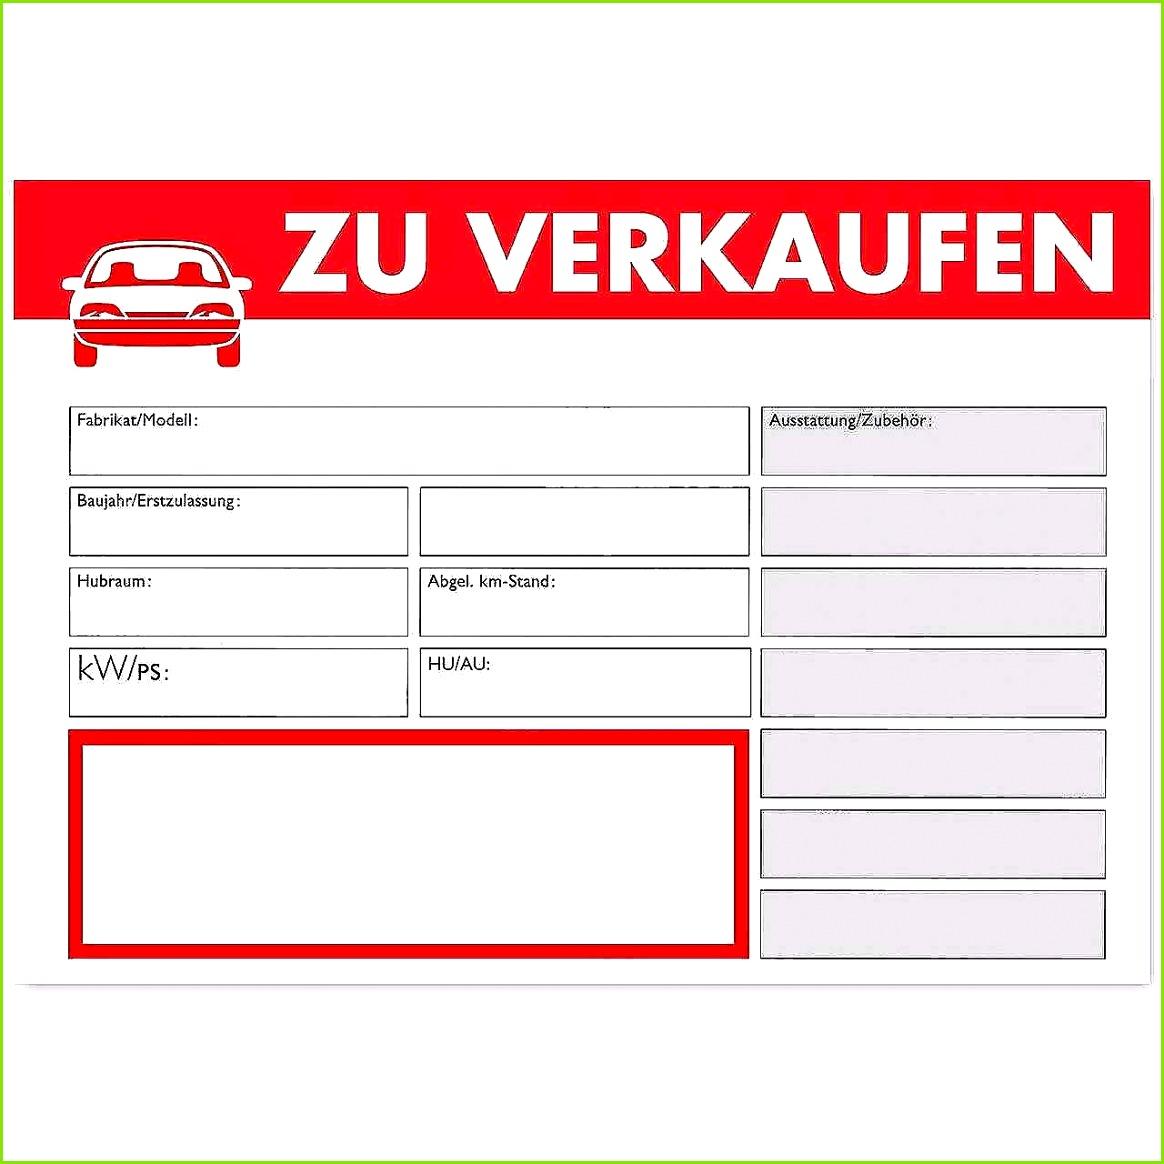 Auto Zu Verkaufen Schild Vorlage Kostenlos Wunderbare Niedlich Auto Zum Verkauf Word Vorlage Bilder Bilder Für